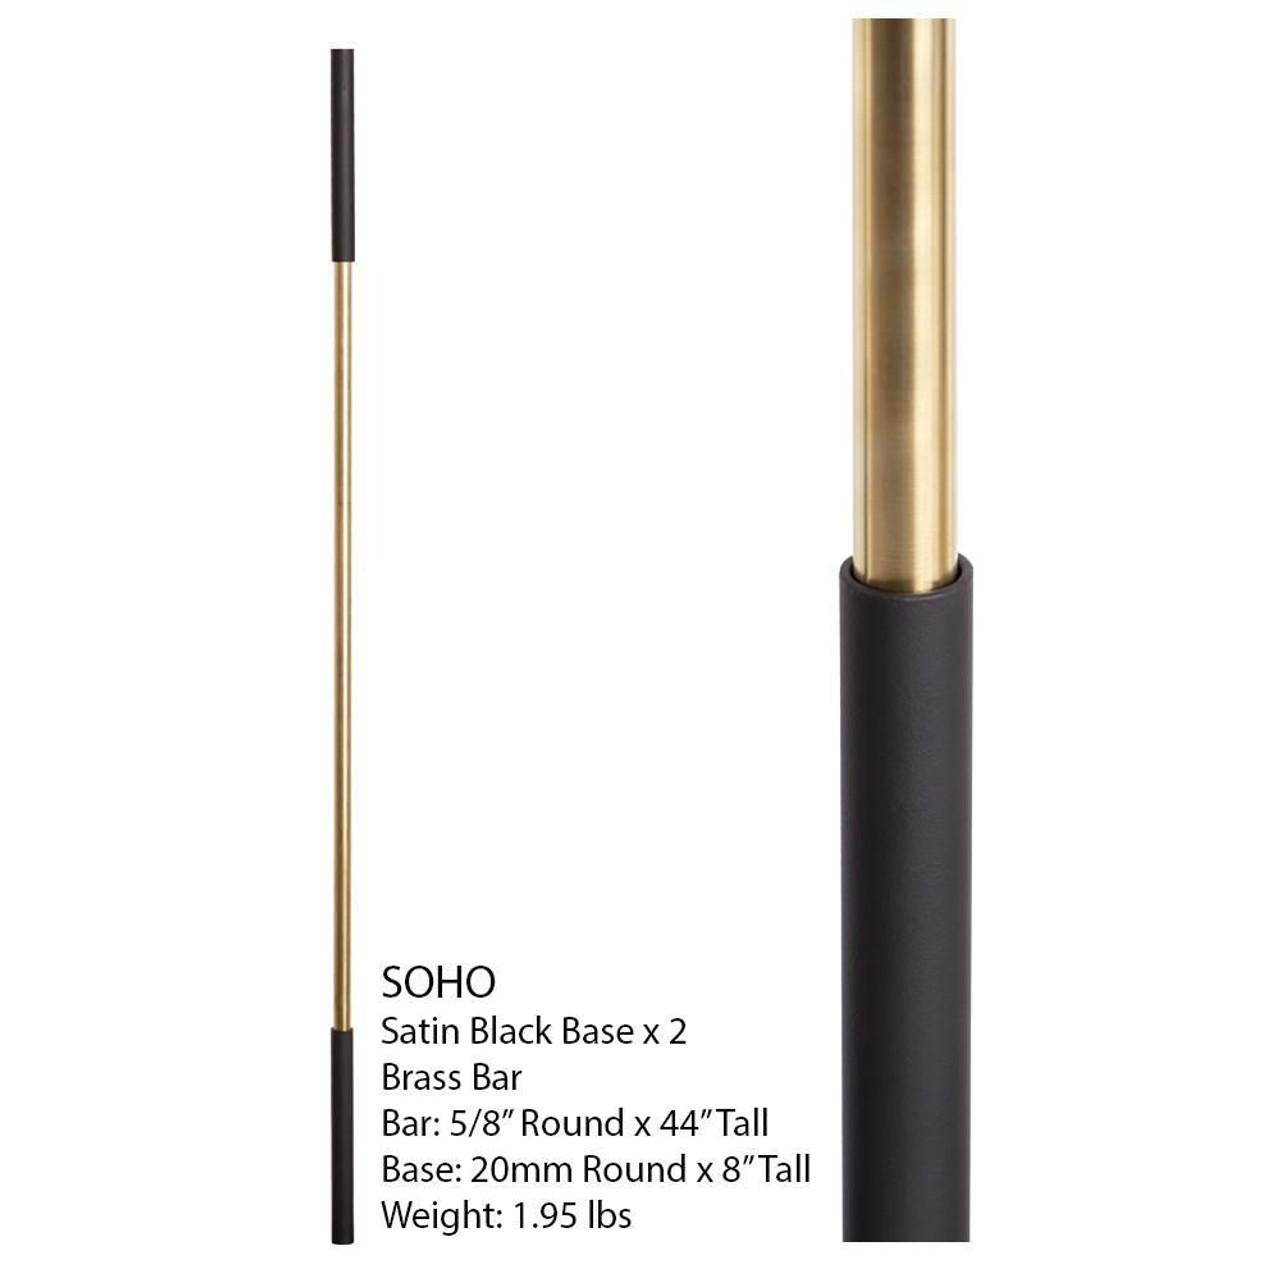 SoHo - Satin Black Base on Brass Baluster (16.4.1) Two Sleeves Info